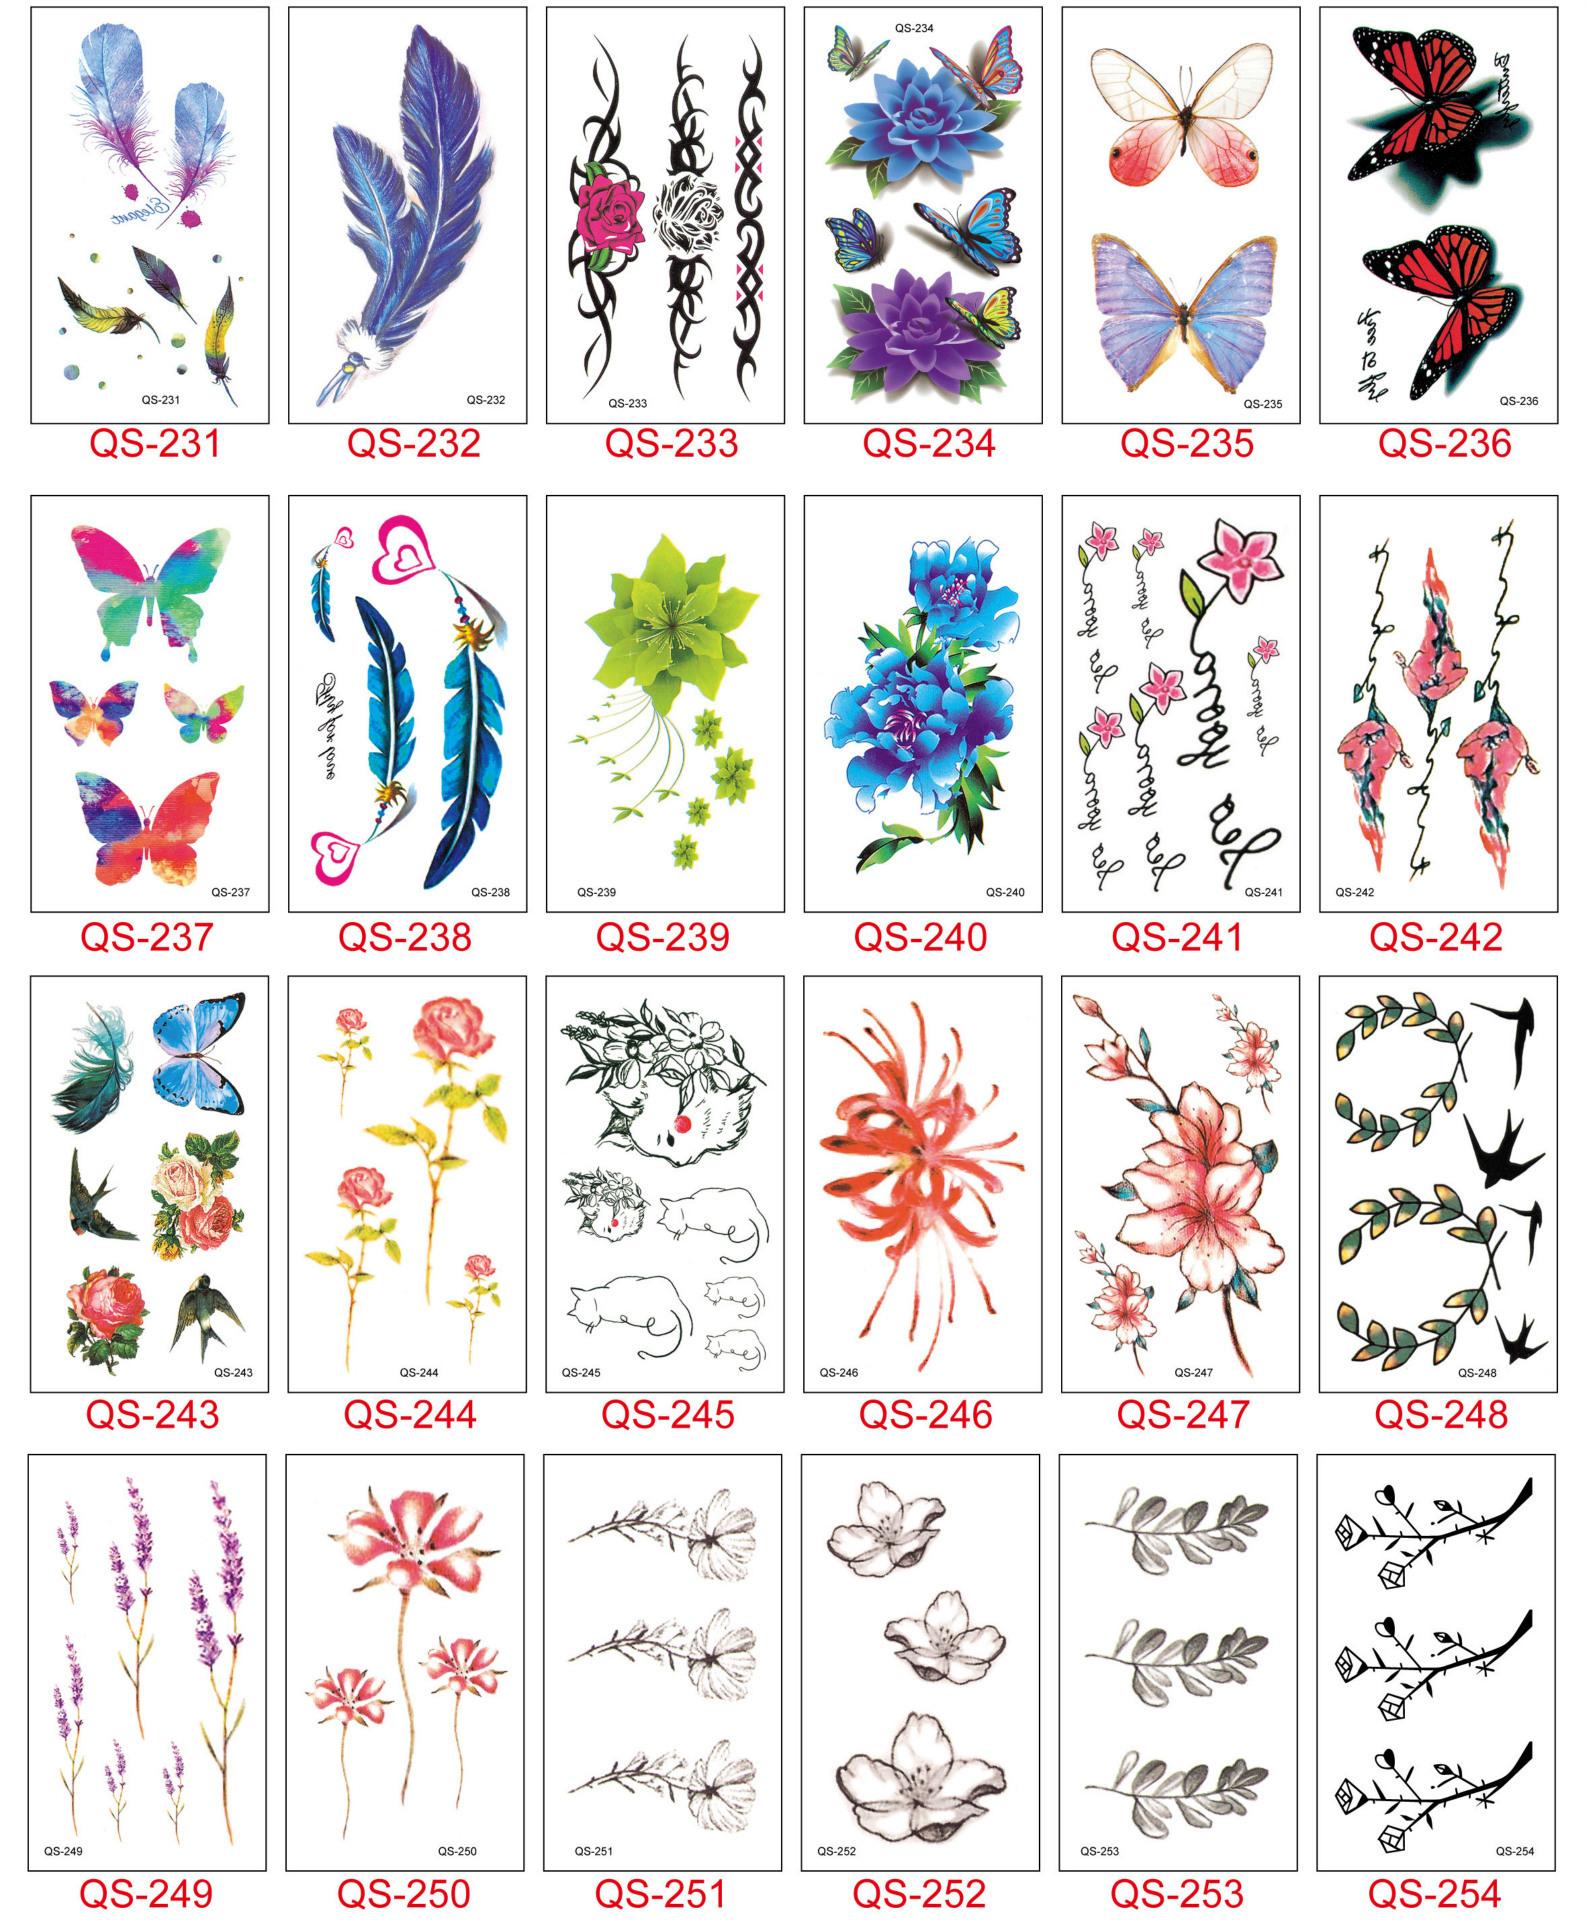 Flor Tatuagens Desenhos Tatuagem De Borboleta Para Mulheres Buy Tatuagem De Borboletaflor Tatuagenstatuagem Desenhos Para As Mulheres Product On